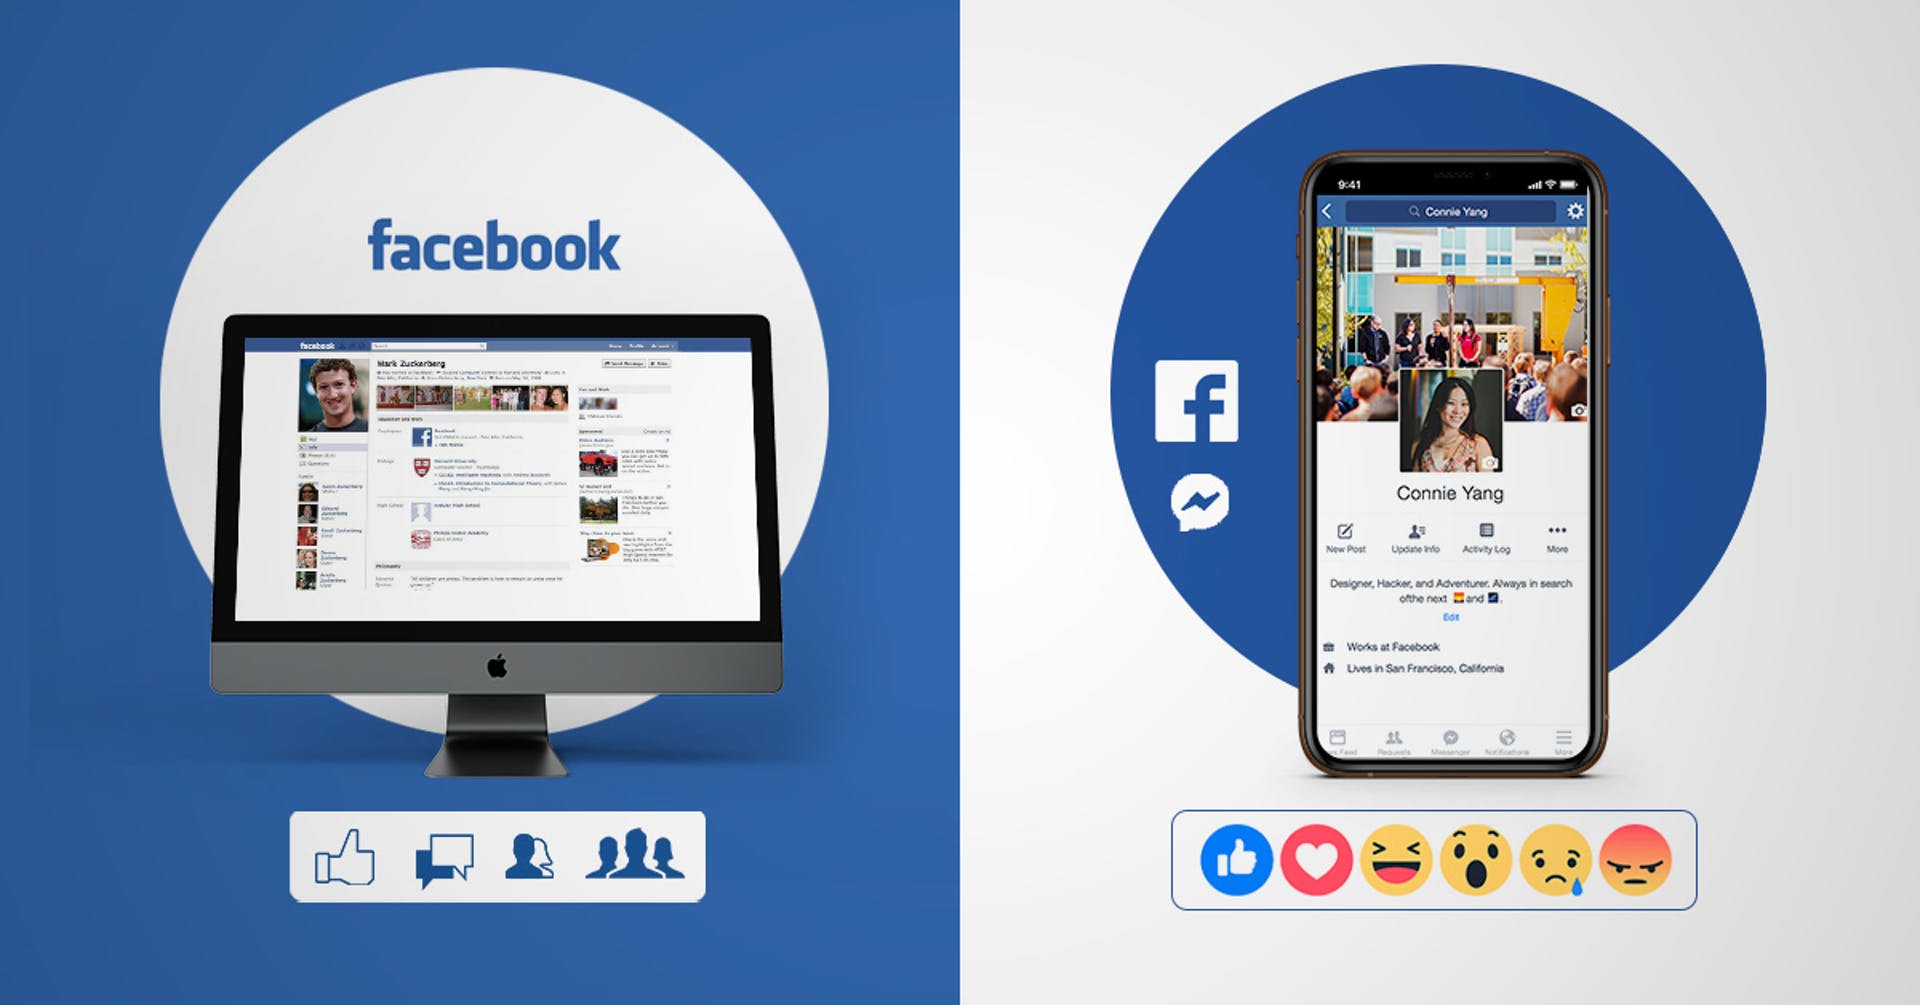 La historia de Facebook. ¿Recuerdas cómo era cuando lo abriste?